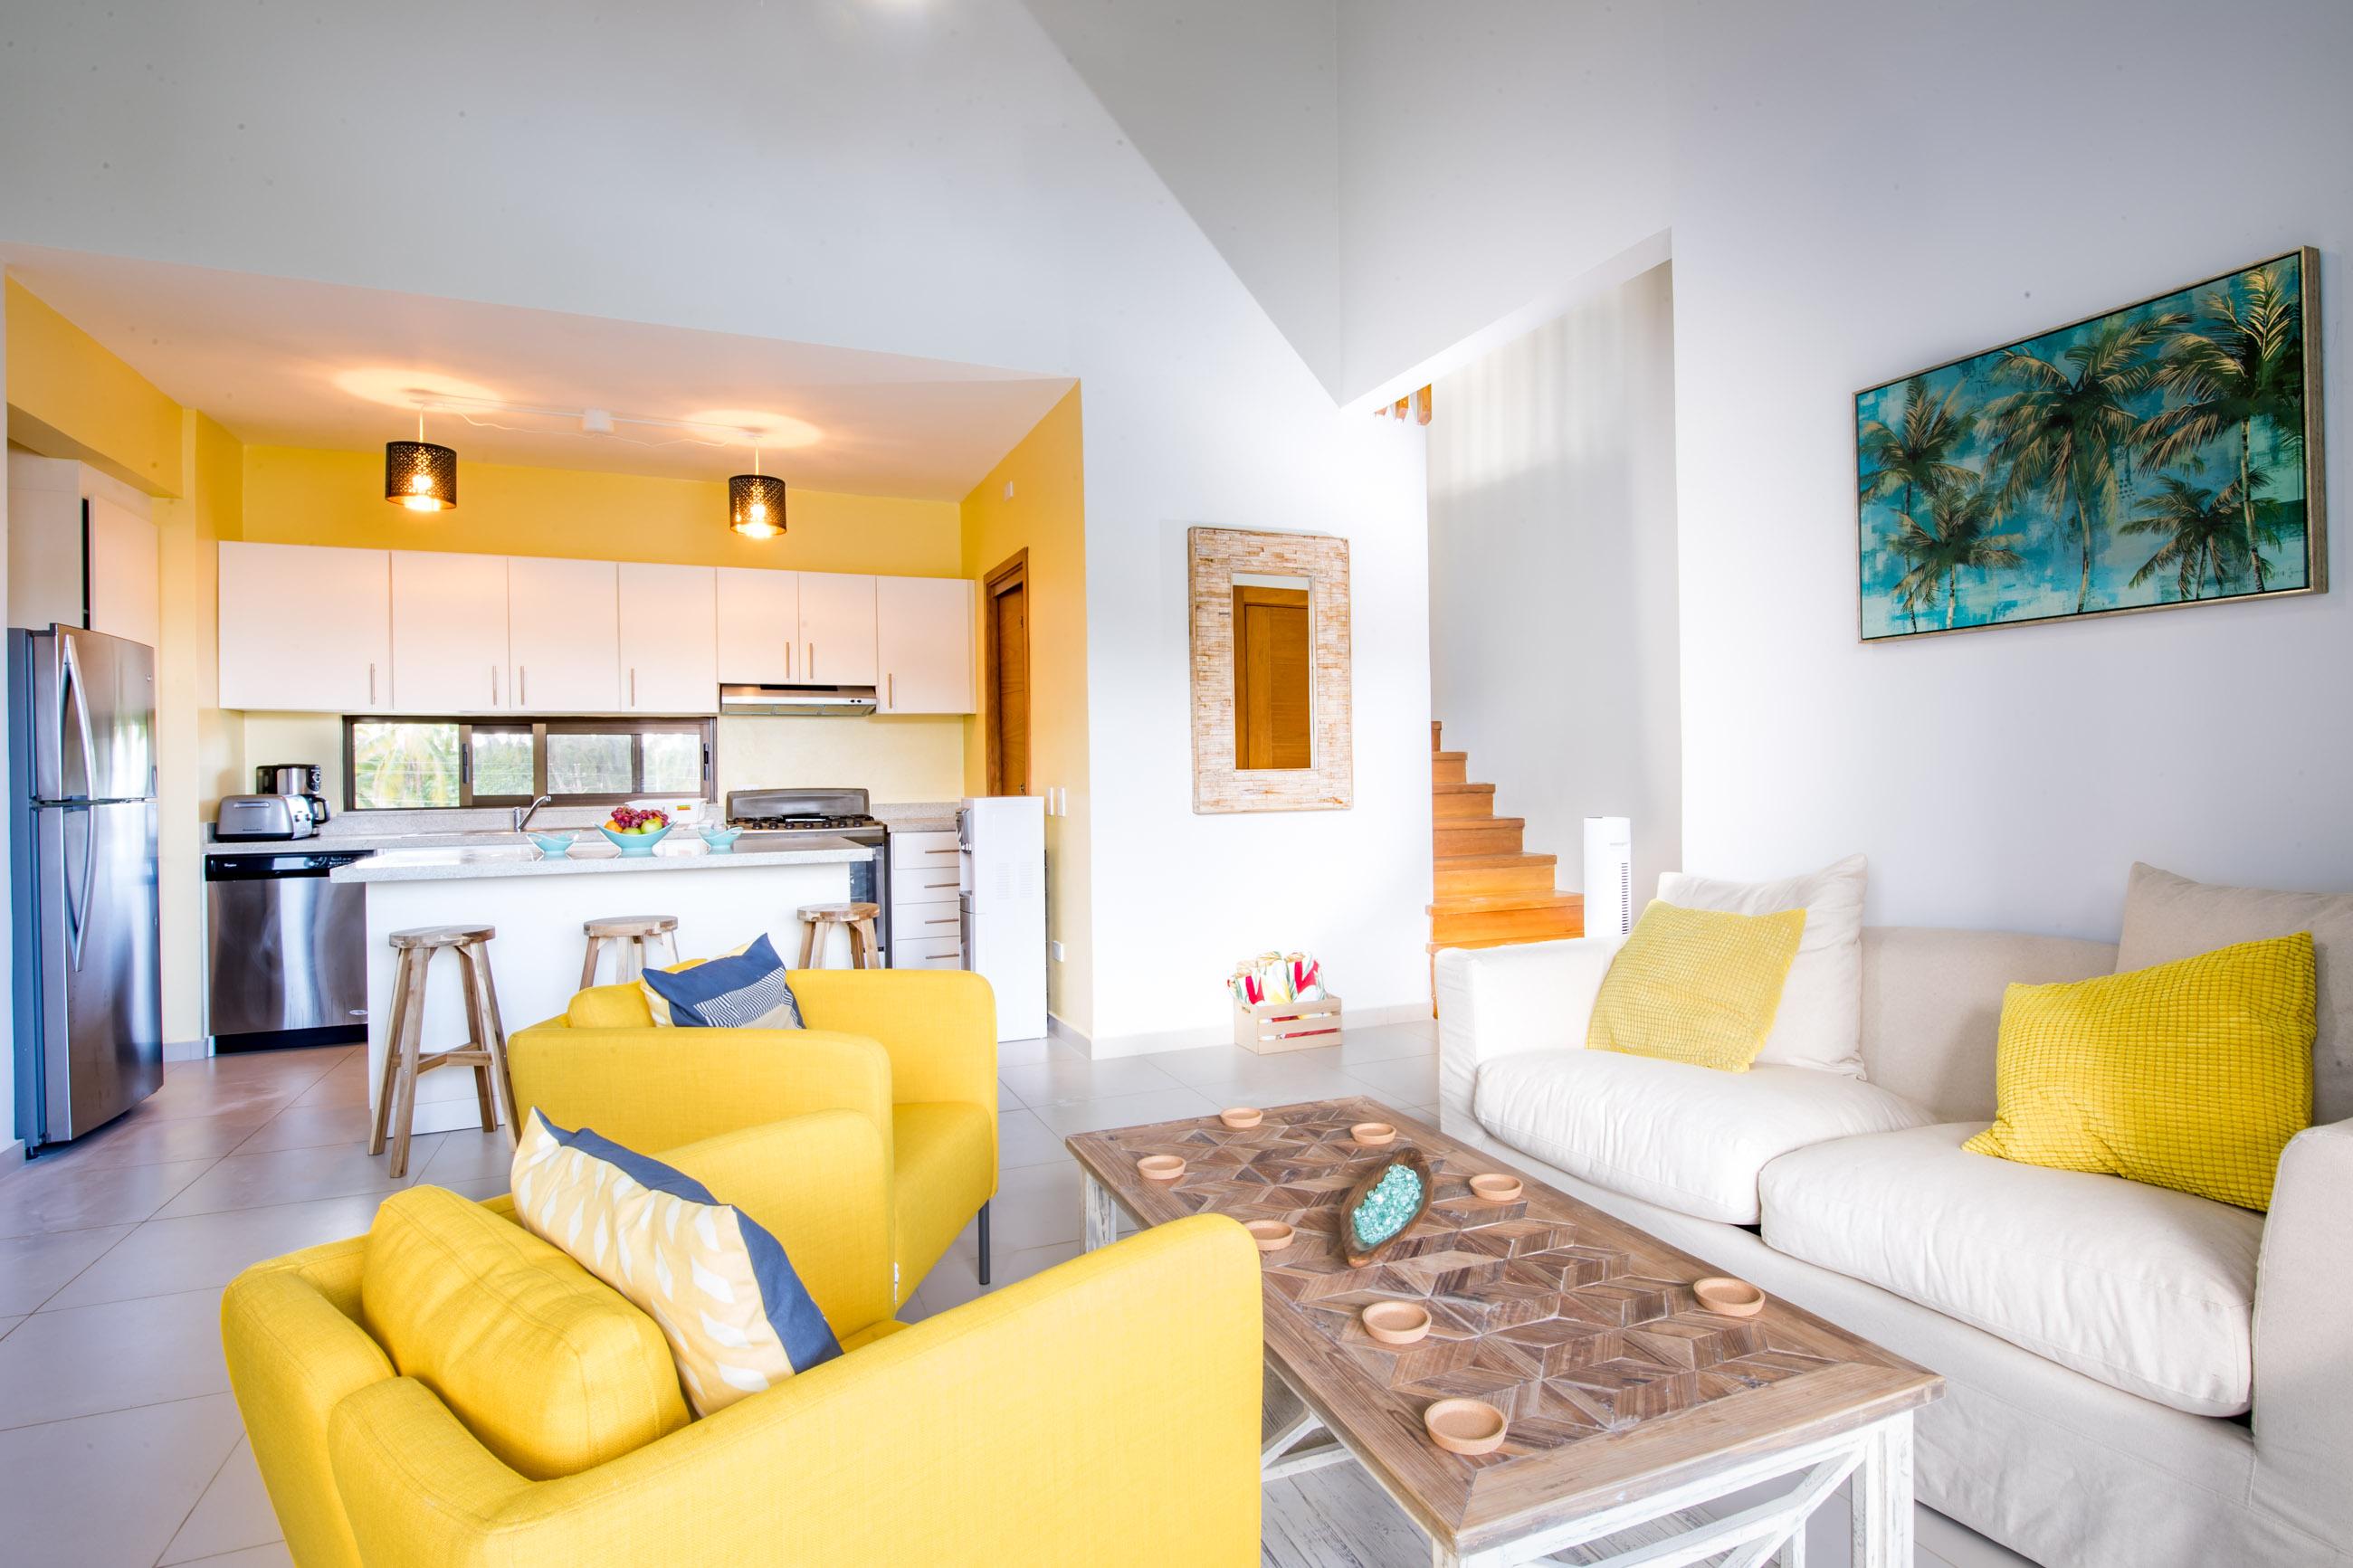 RENTAL : THE ISLA - Los Cocos, Playa Bonita - 2 BED 2 BATH CONDO